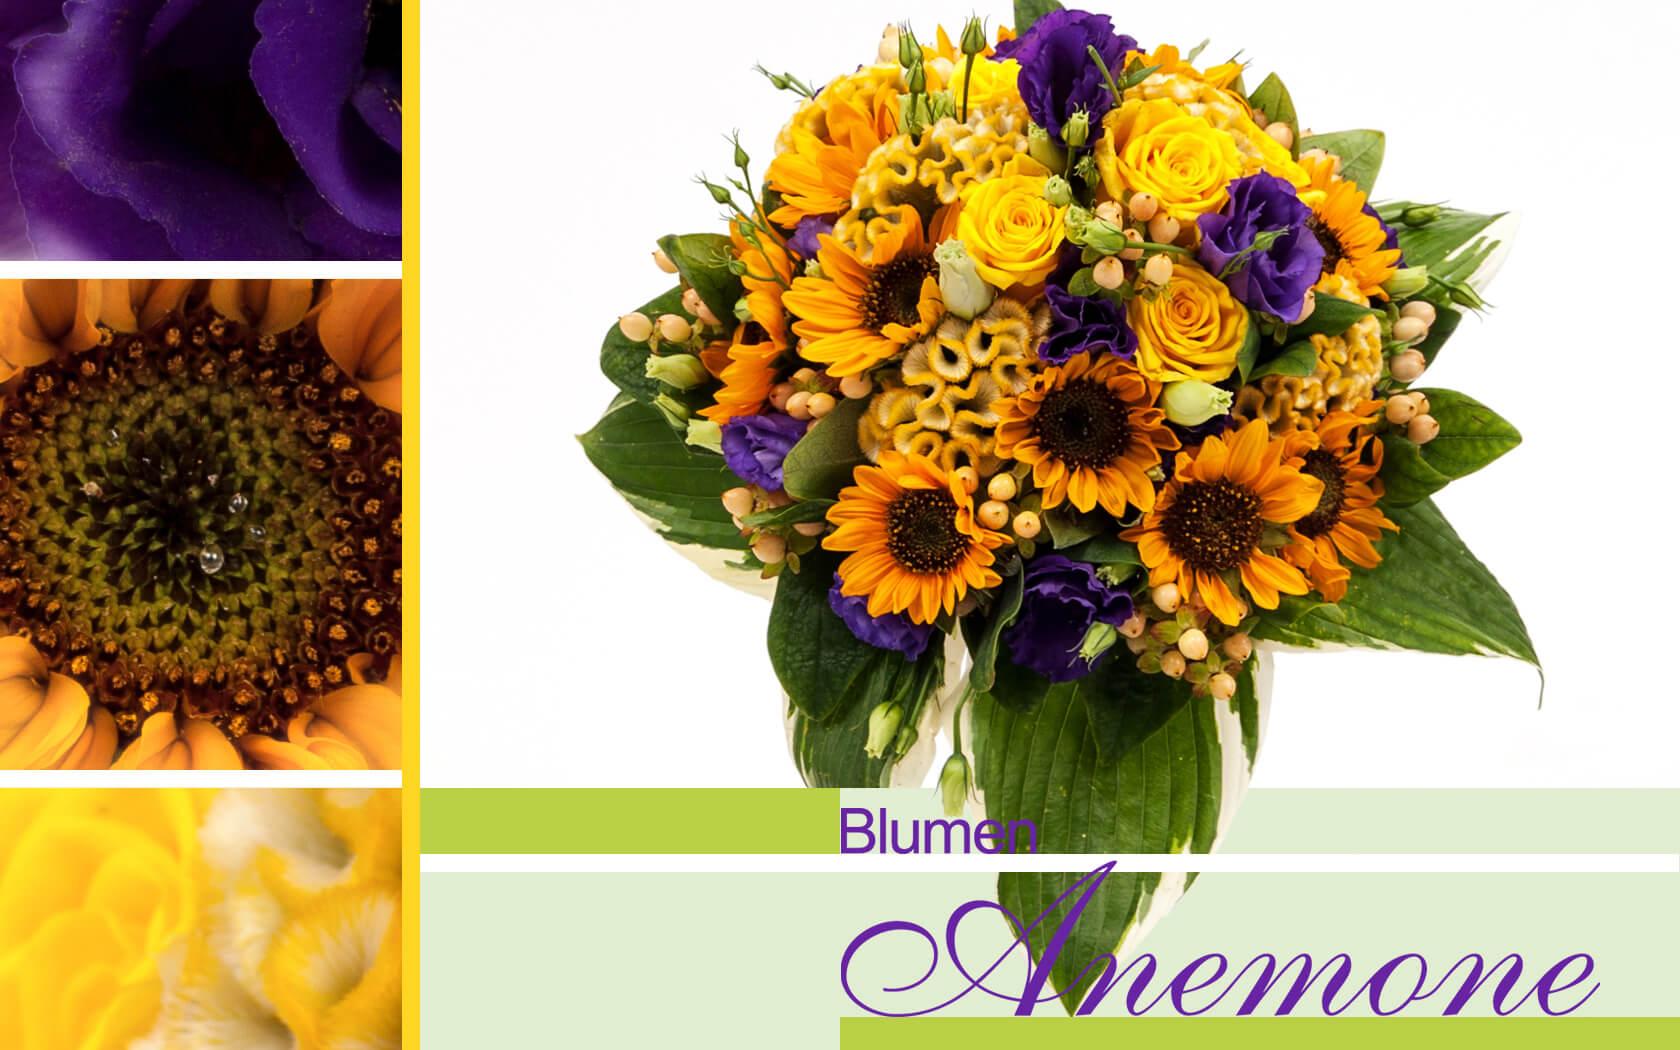 blumenstrau gelb und lila mit sonnenblumen bei blumen anemone in sendling blumen anemone m nchen. Black Bedroom Furniture Sets. Home Design Ideas